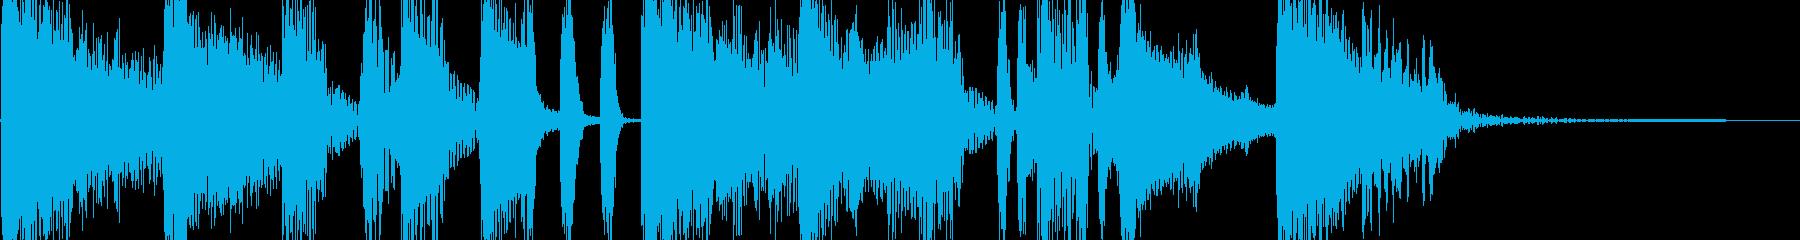 ストリートテイストの刺激的なジングルの再生済みの波形